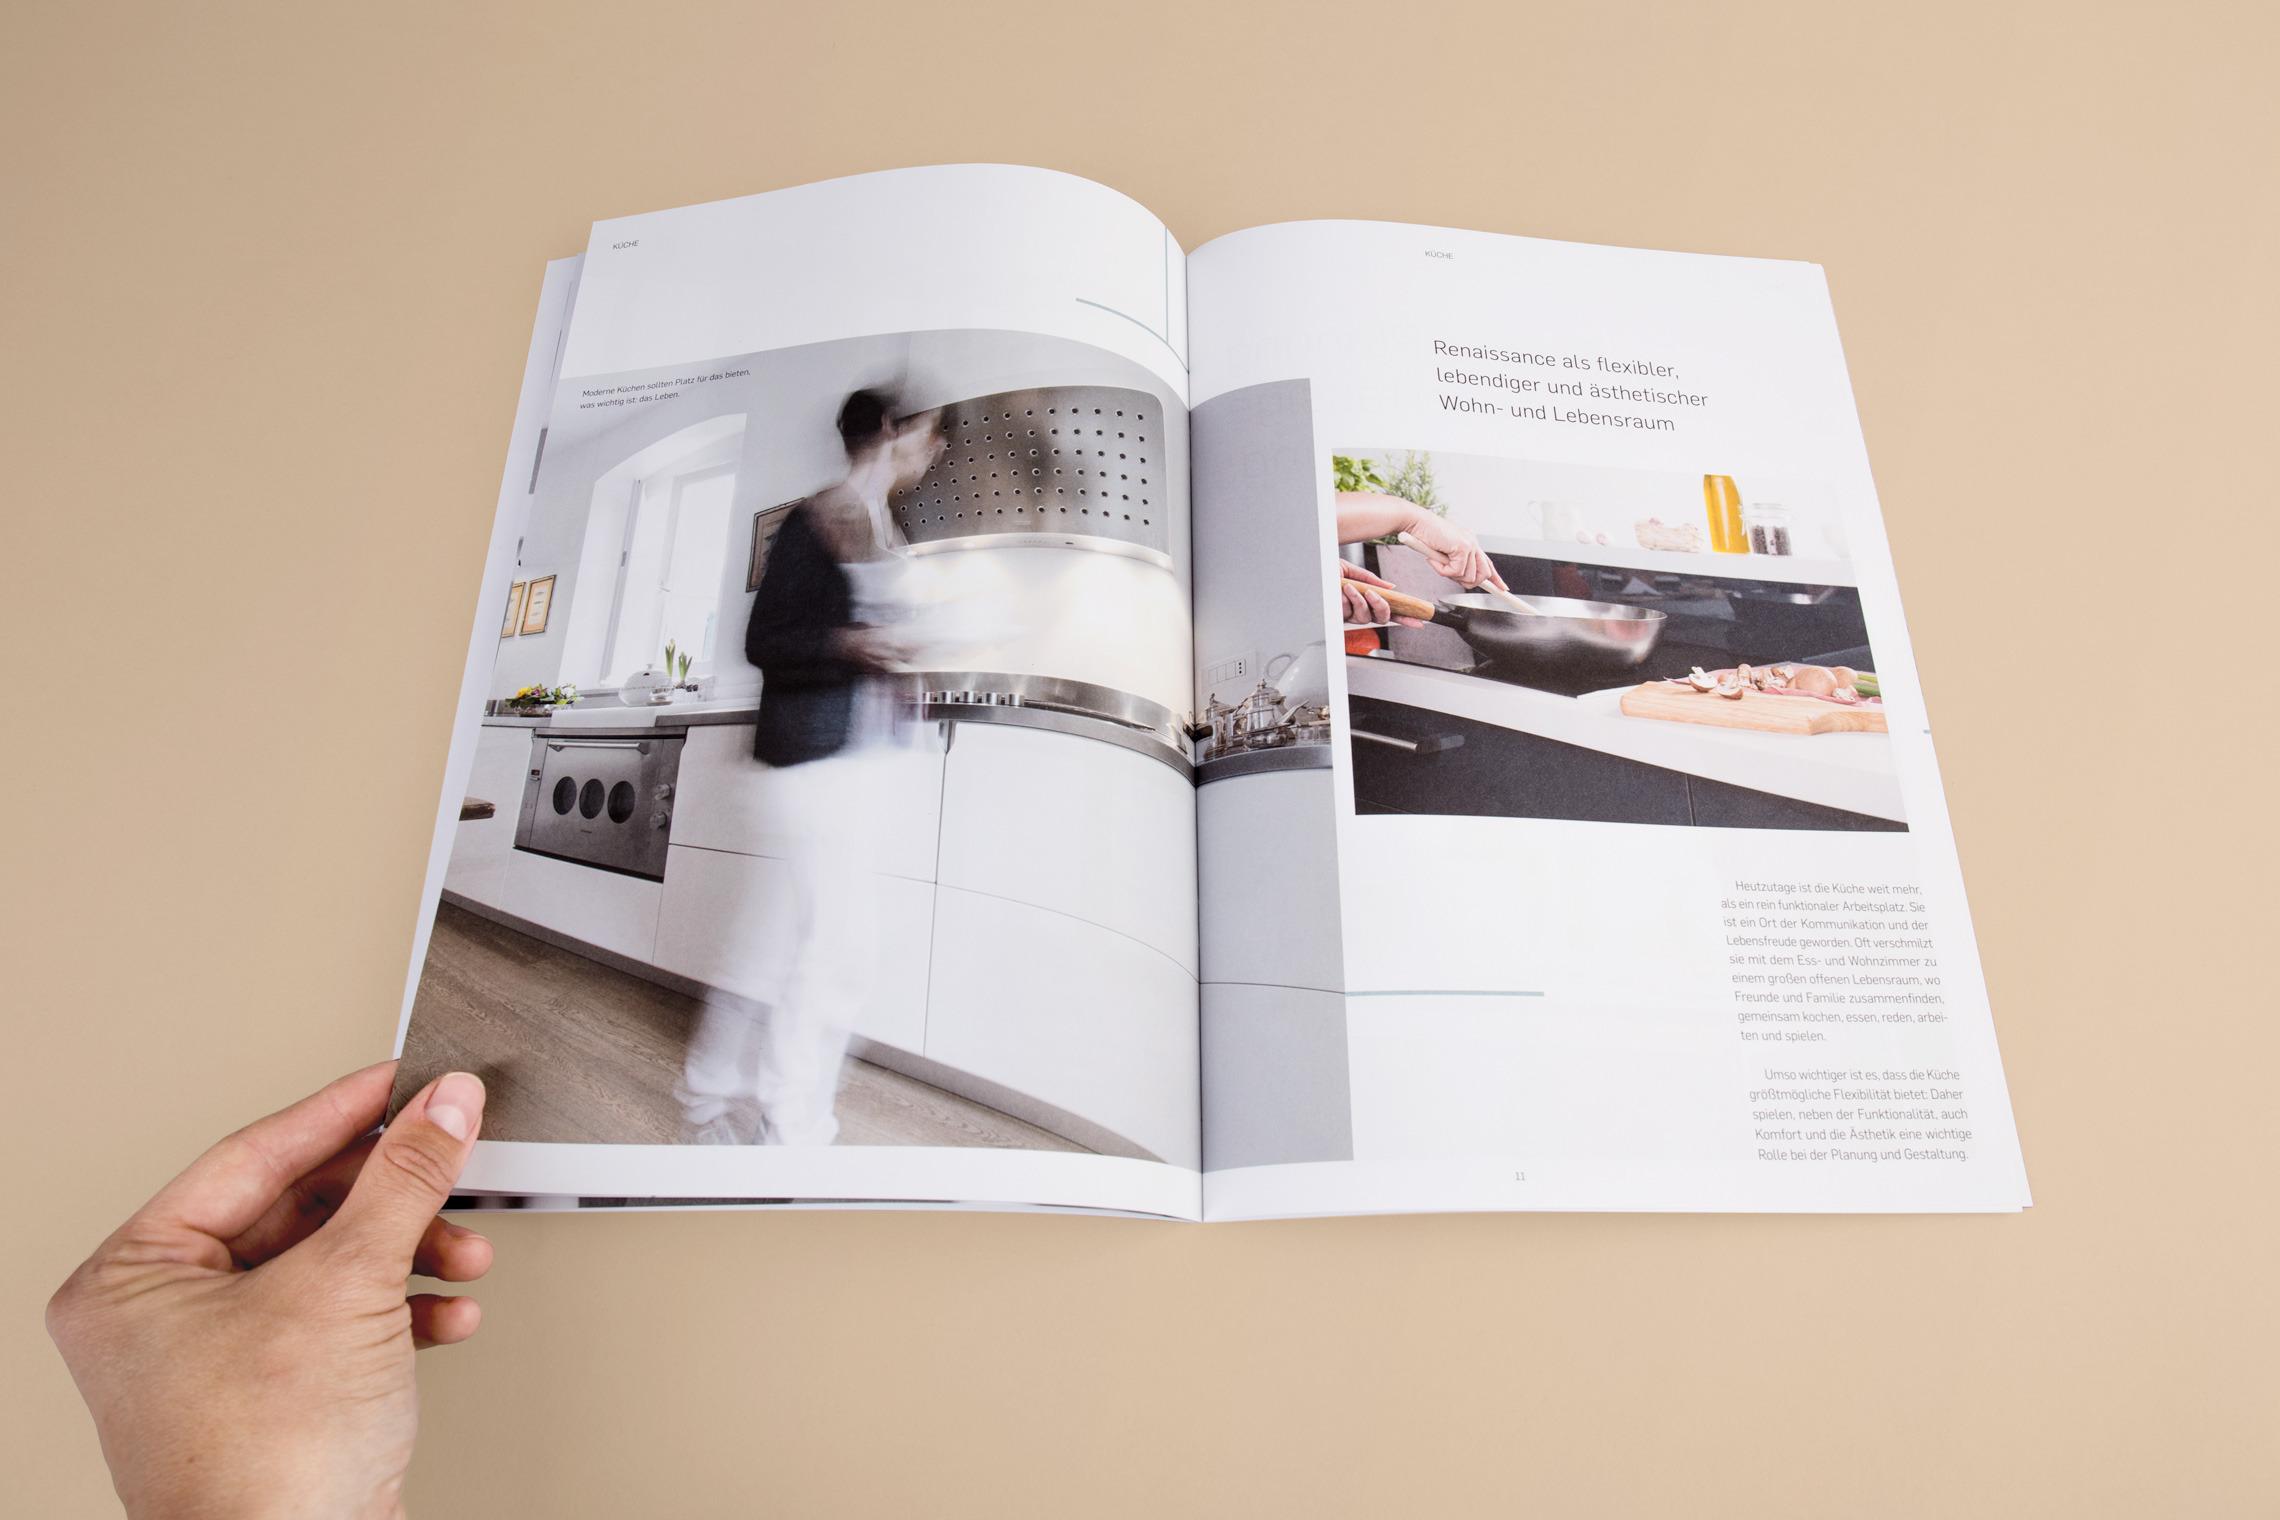 In der Imagebroschüre wird die Marke Gerdau auf ästhetische Weise inszeniert.